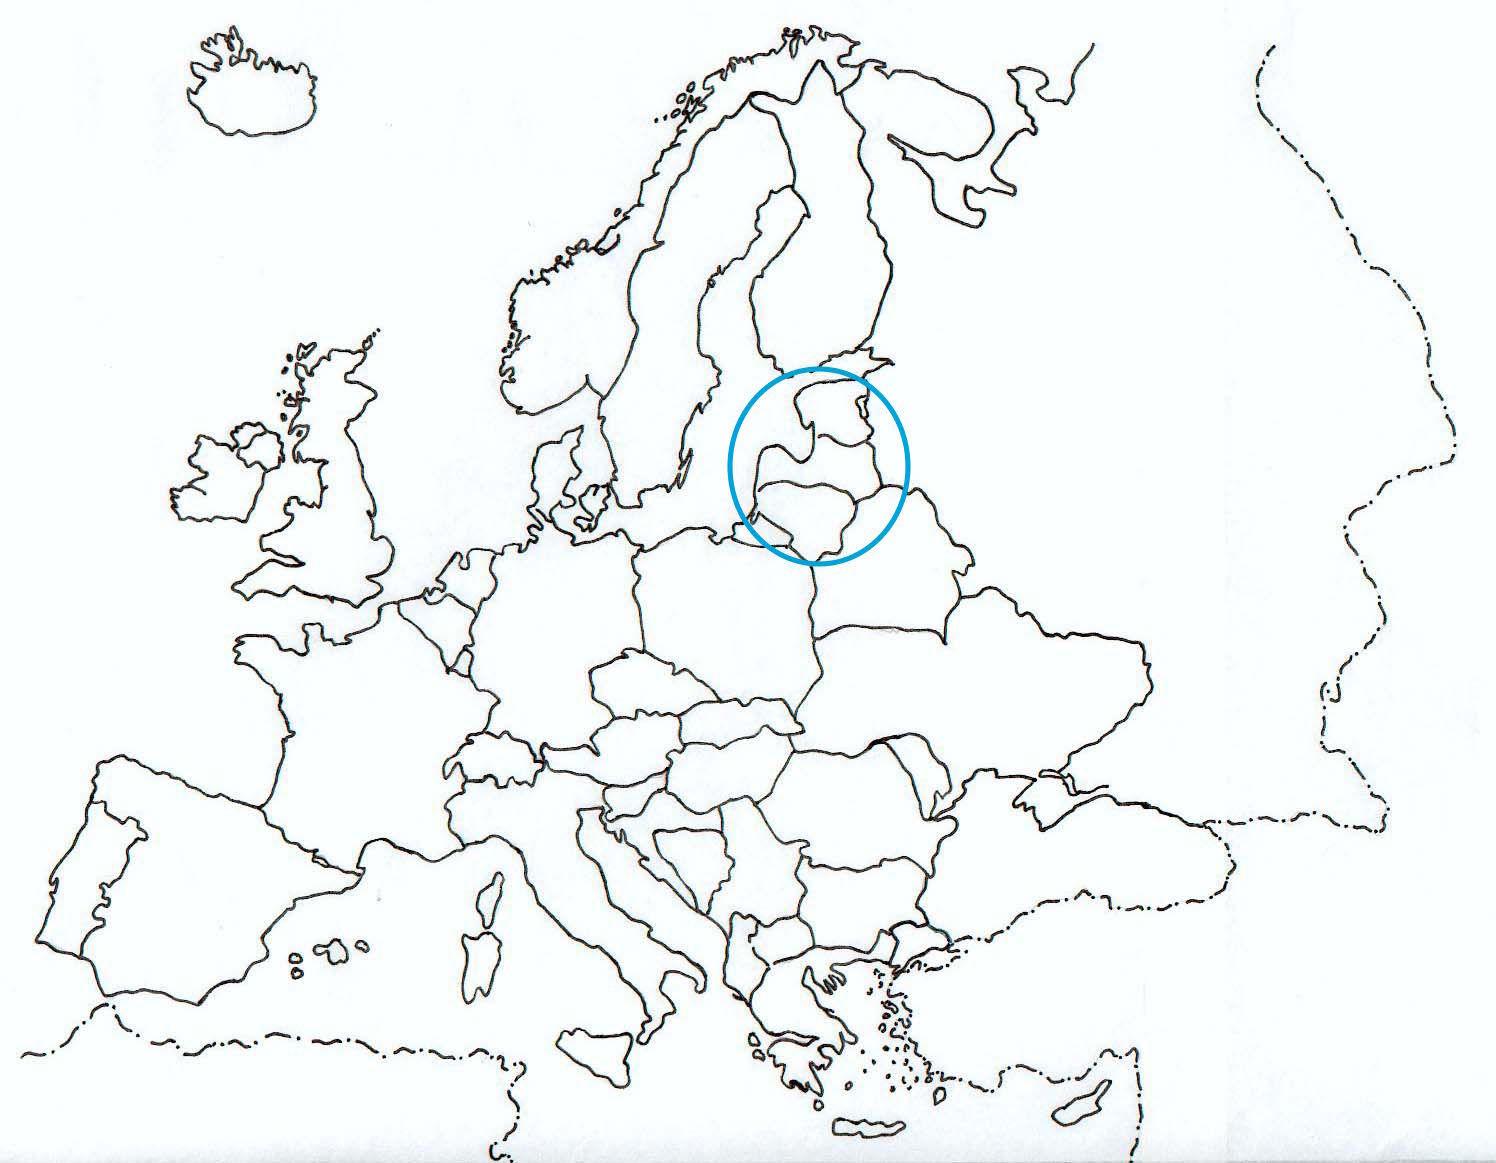 ¿Cuáles son las capitales de estos tres países vecinos?